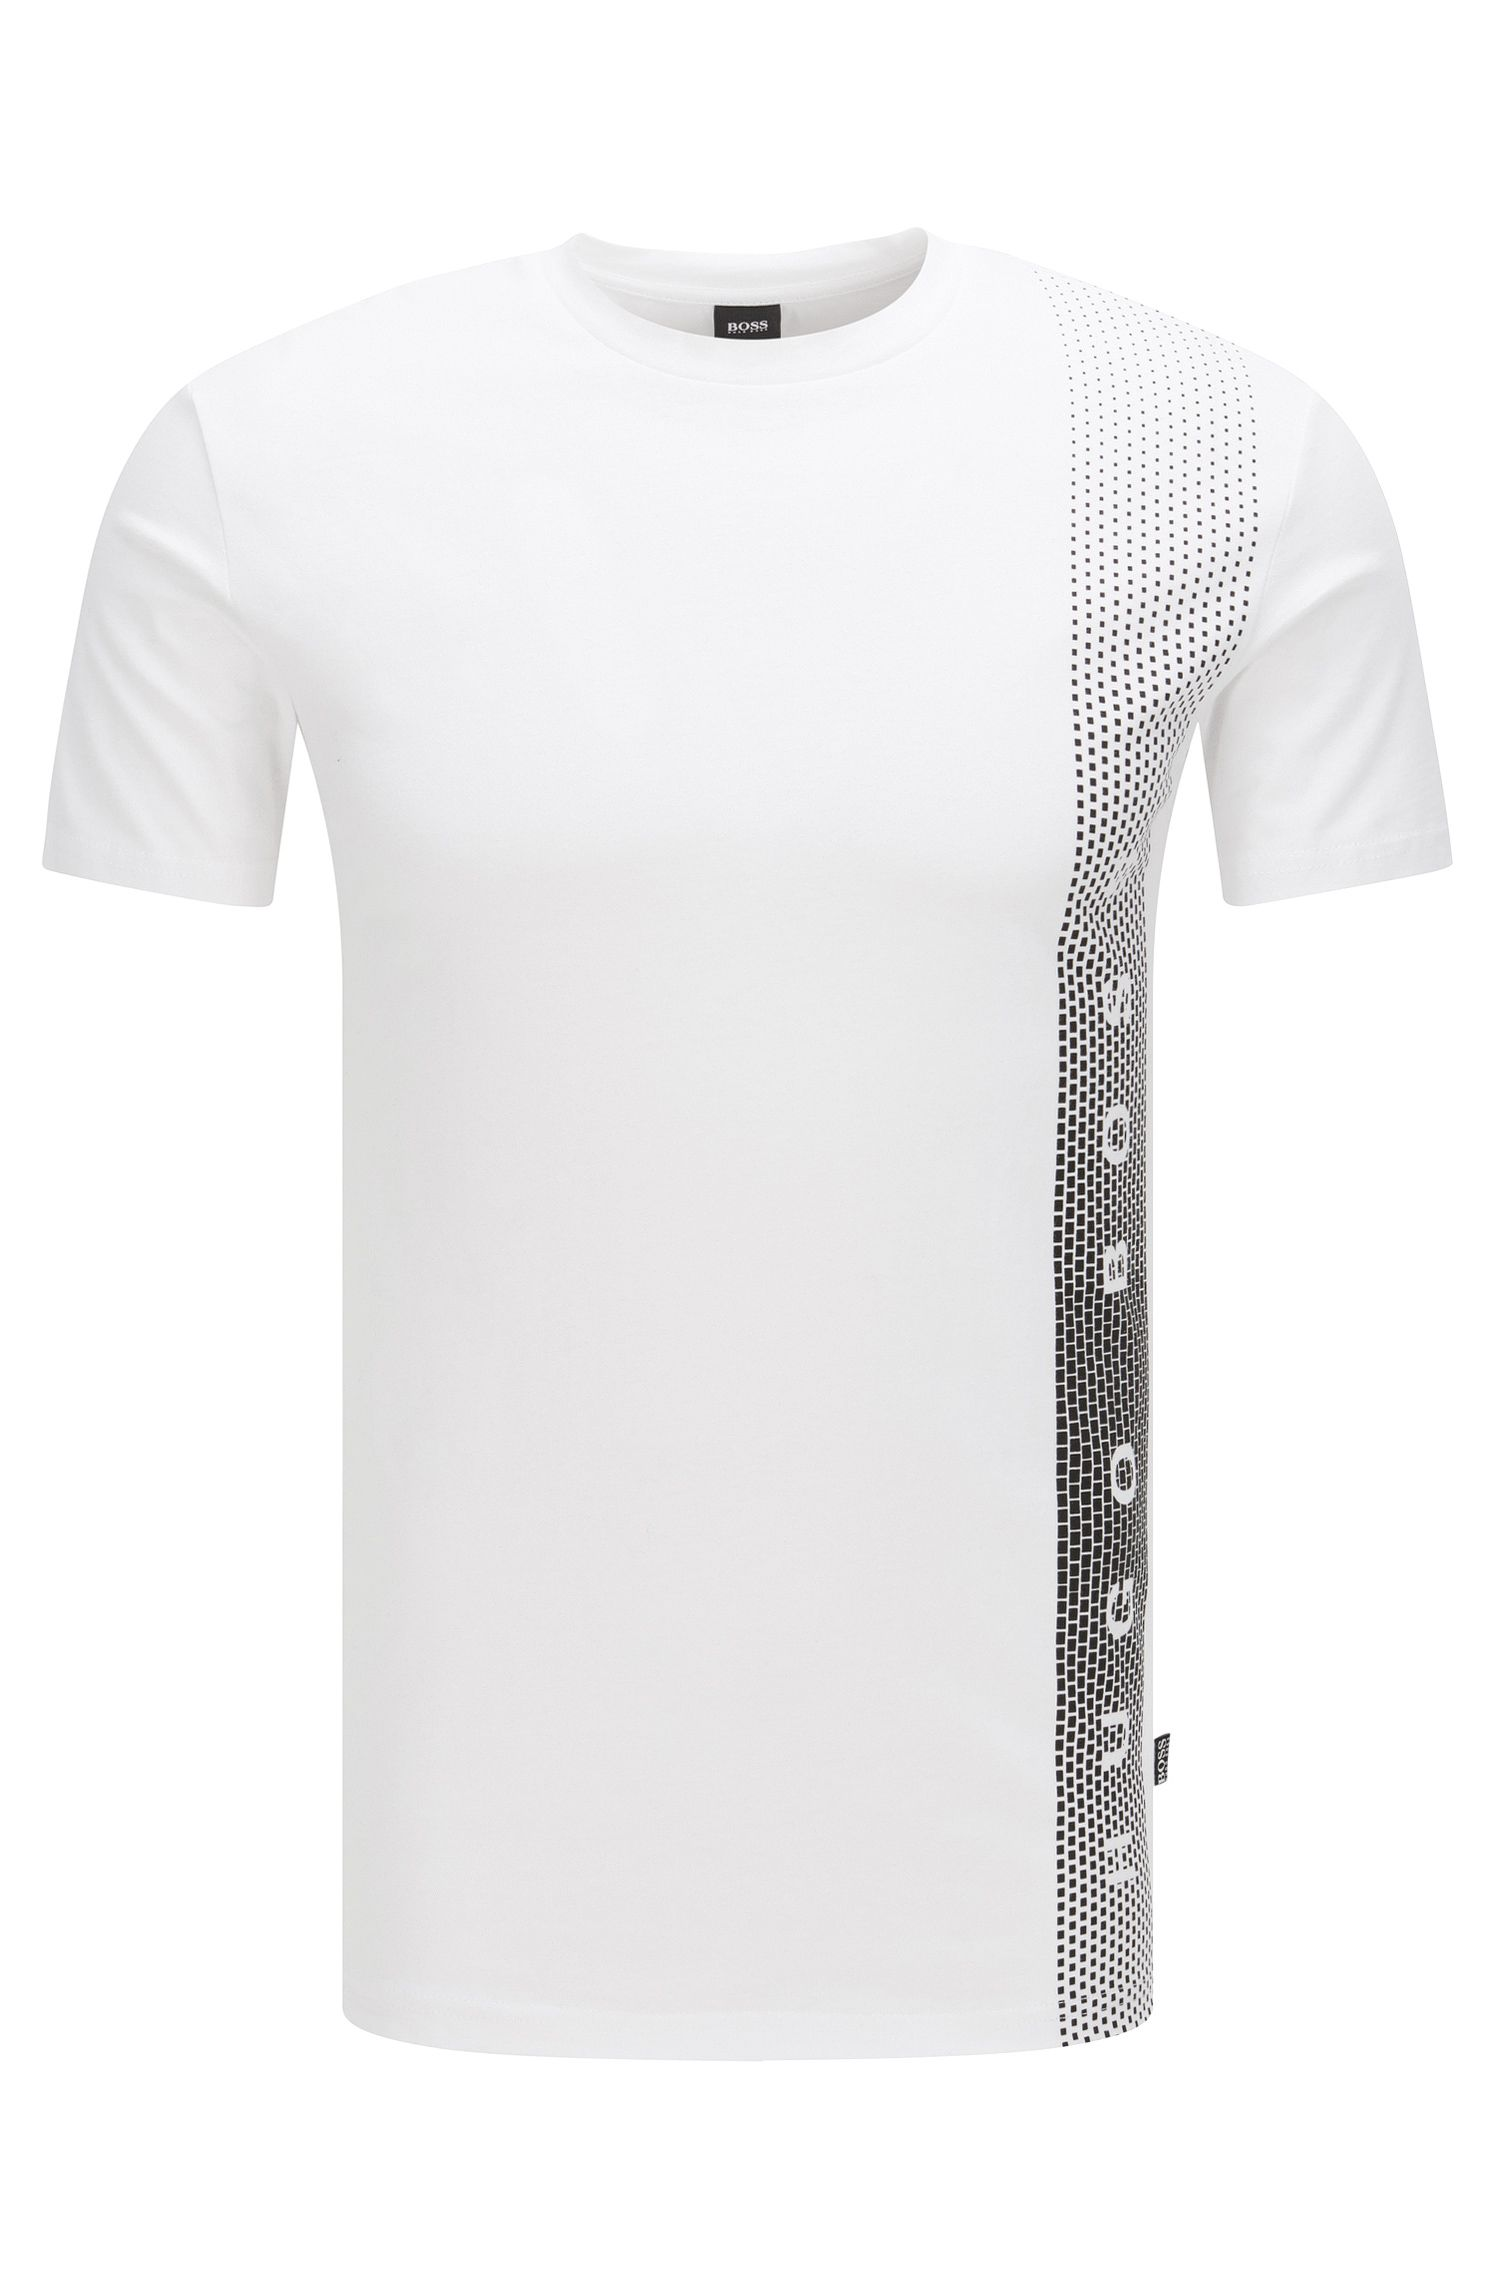 T-shirt slim fit in cotone con protezione UV